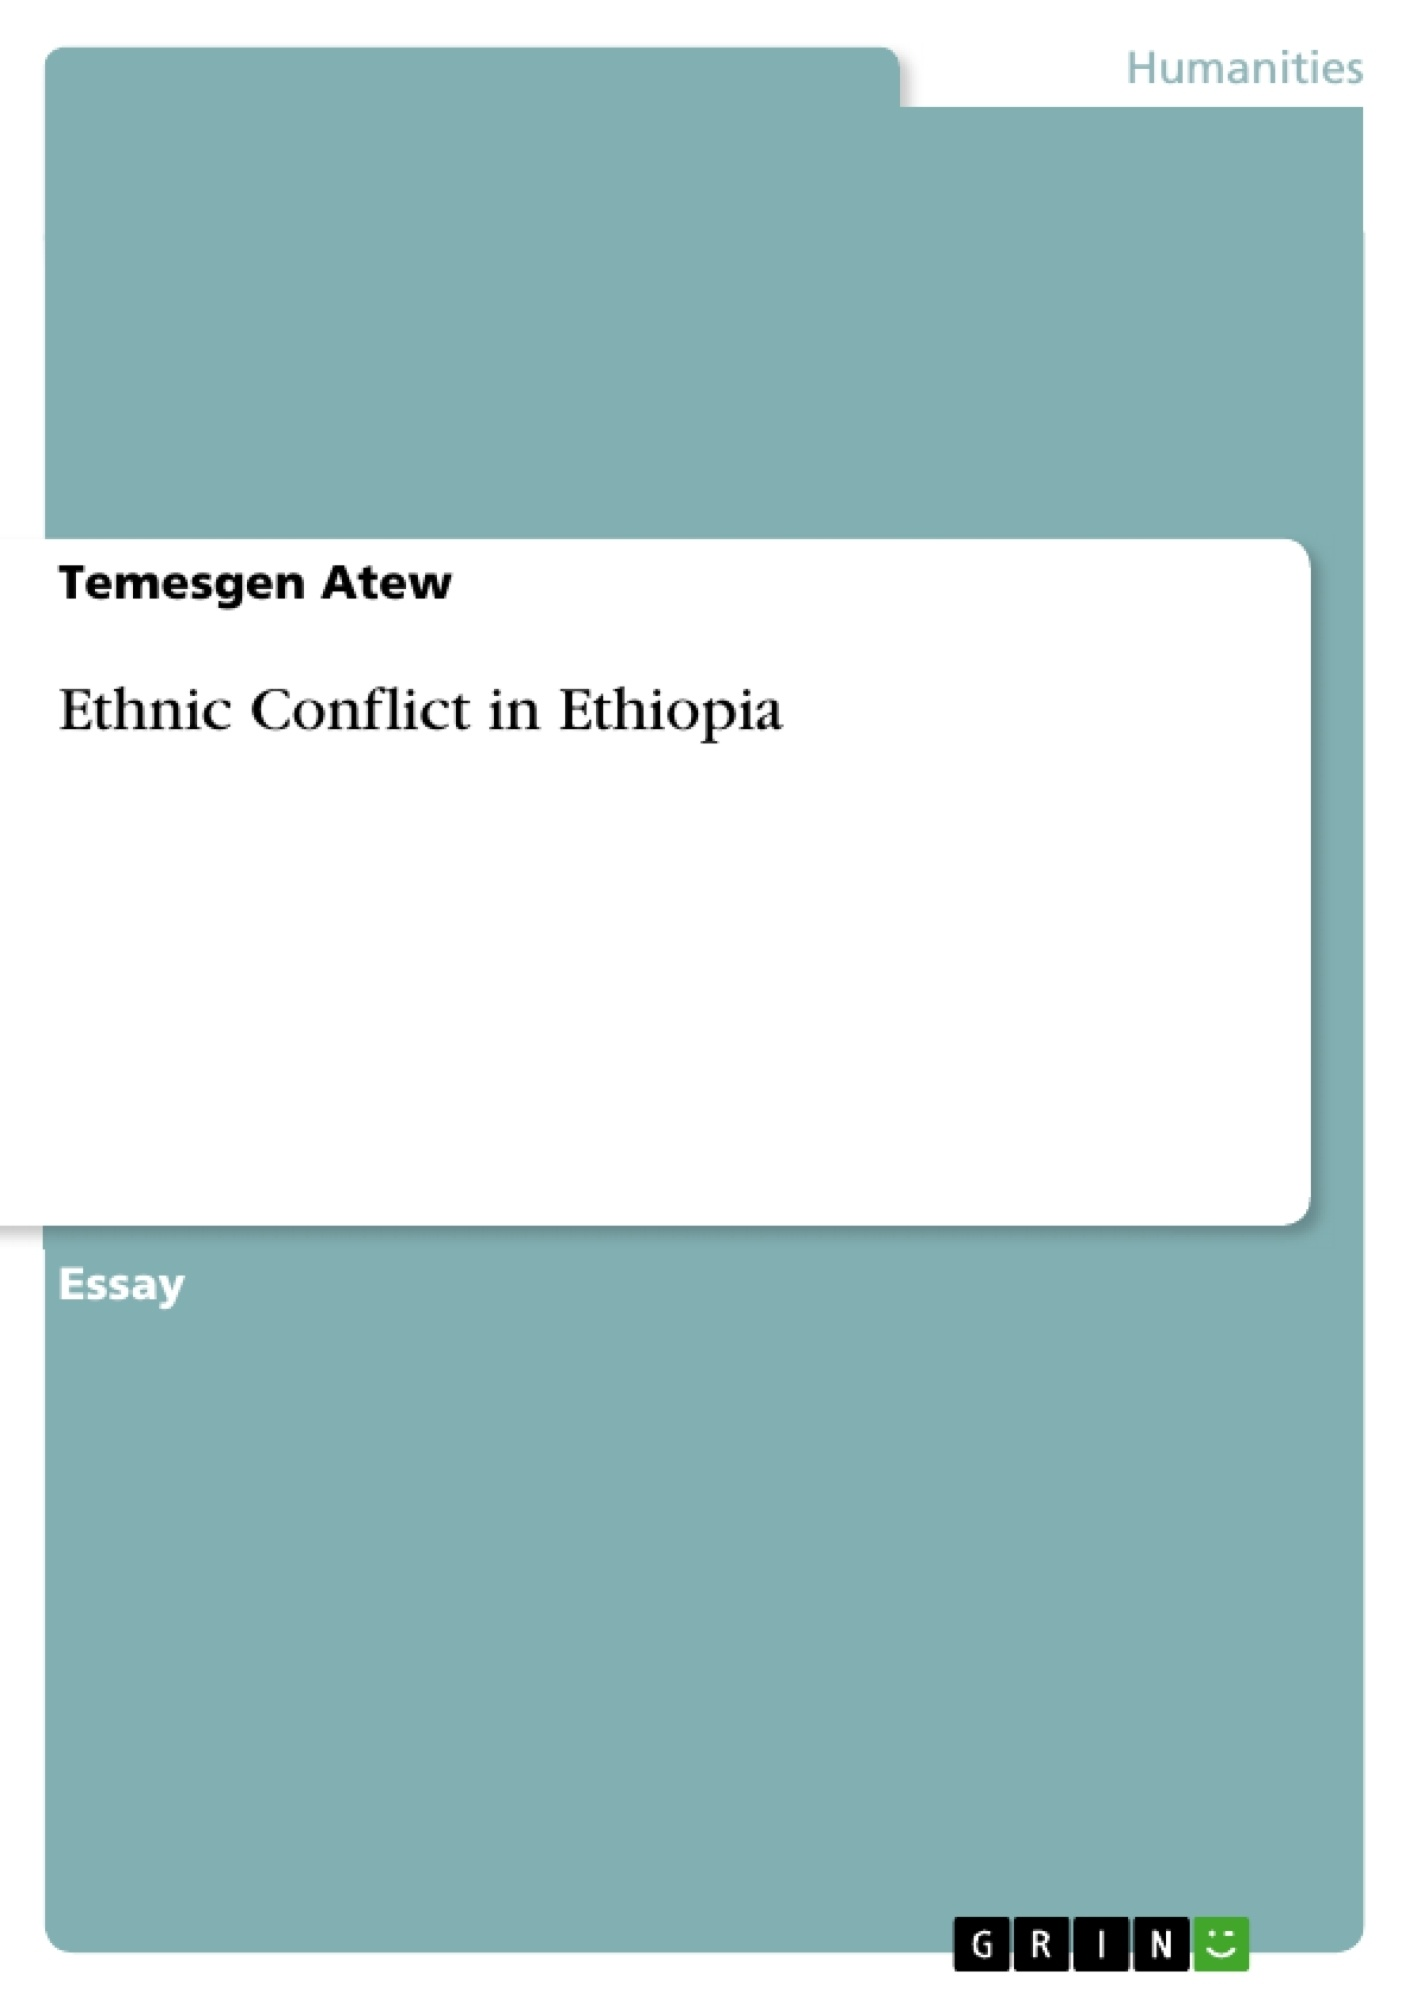 Title: Ethnic Conflict in Ethiopia